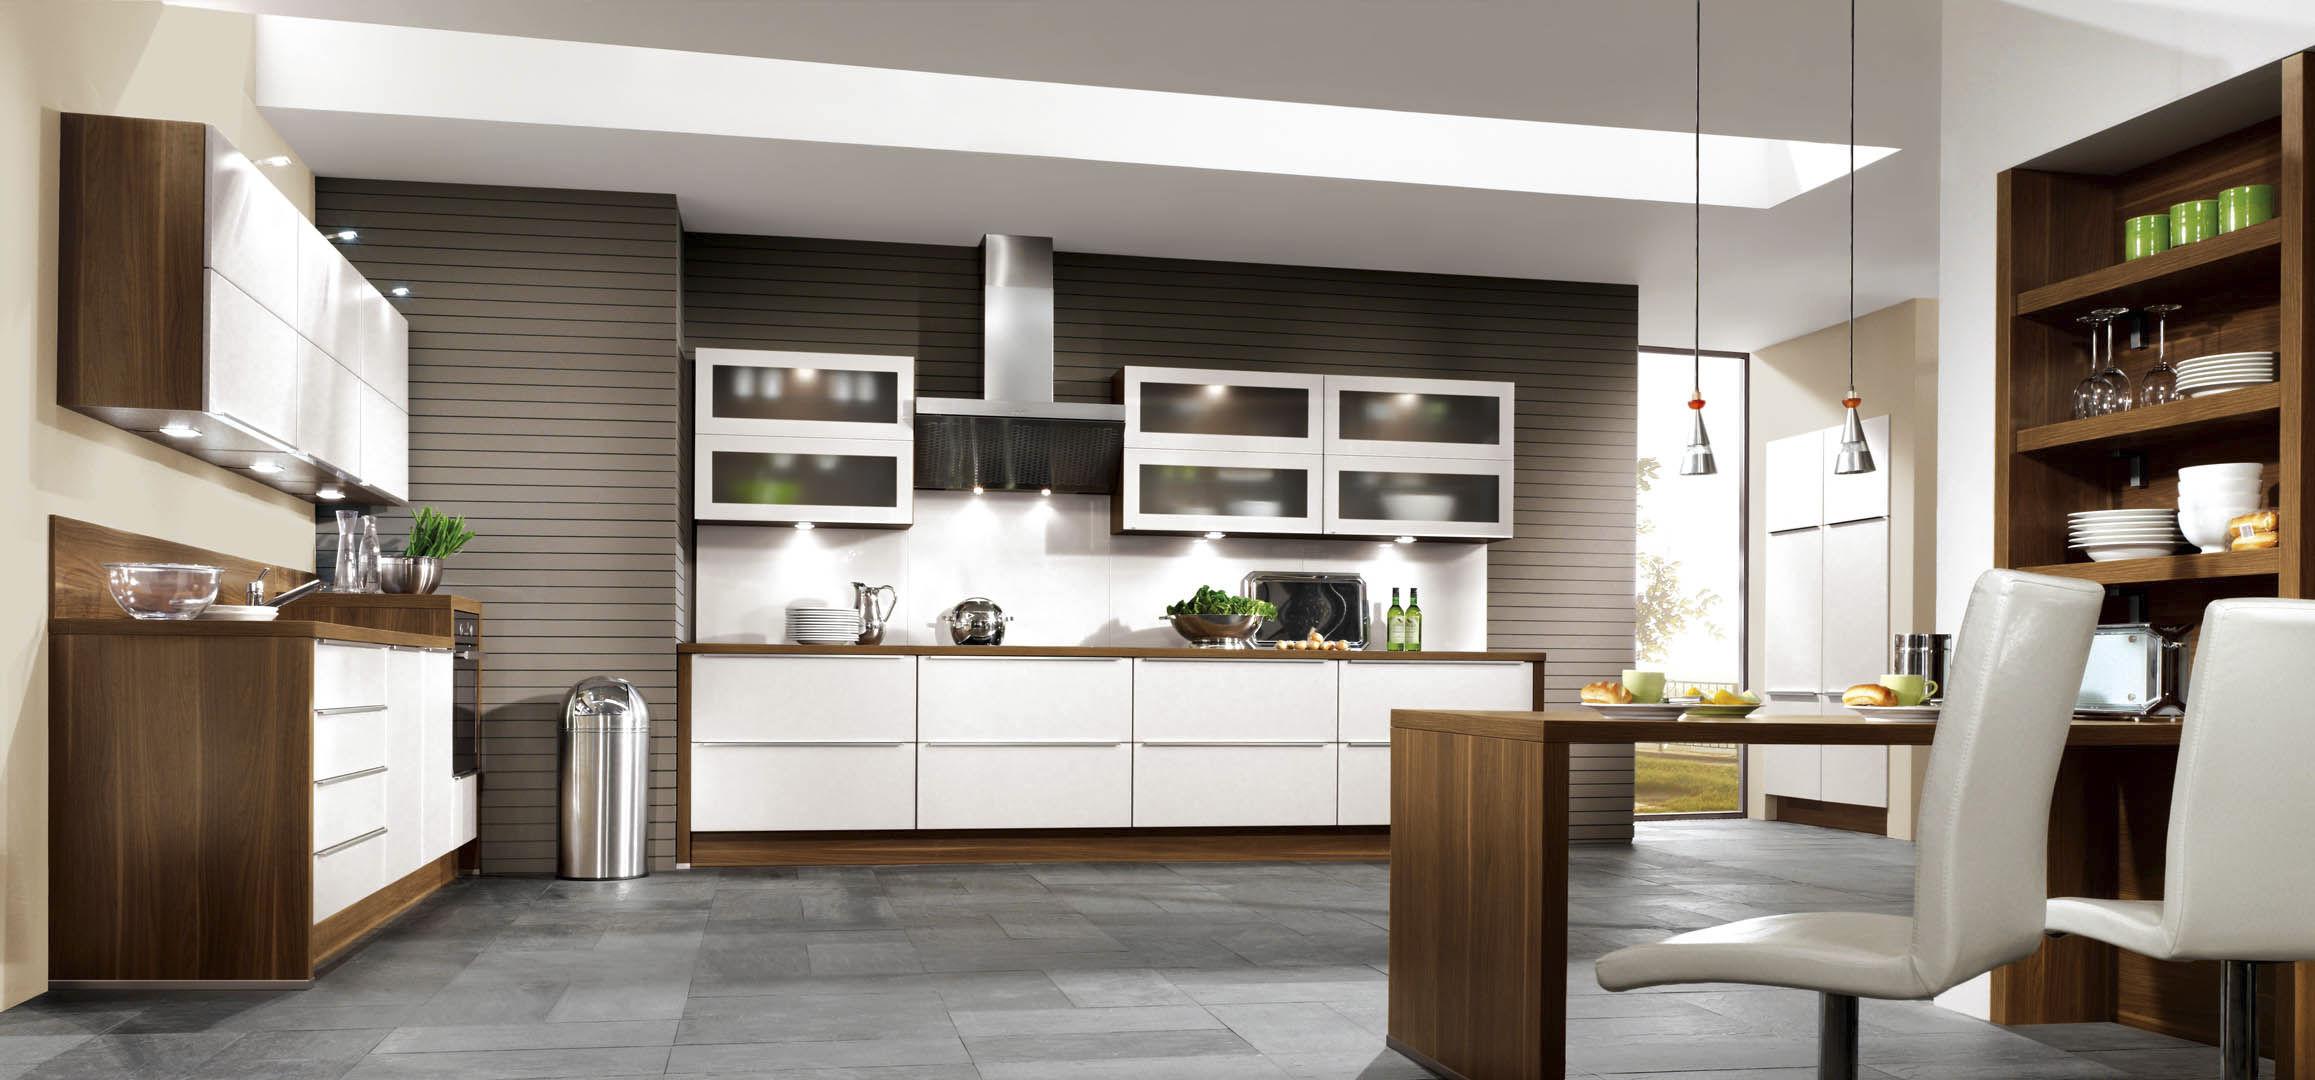 Moderne Küche / Holzfurnier / lackiert - FEEL 810 - nobilia